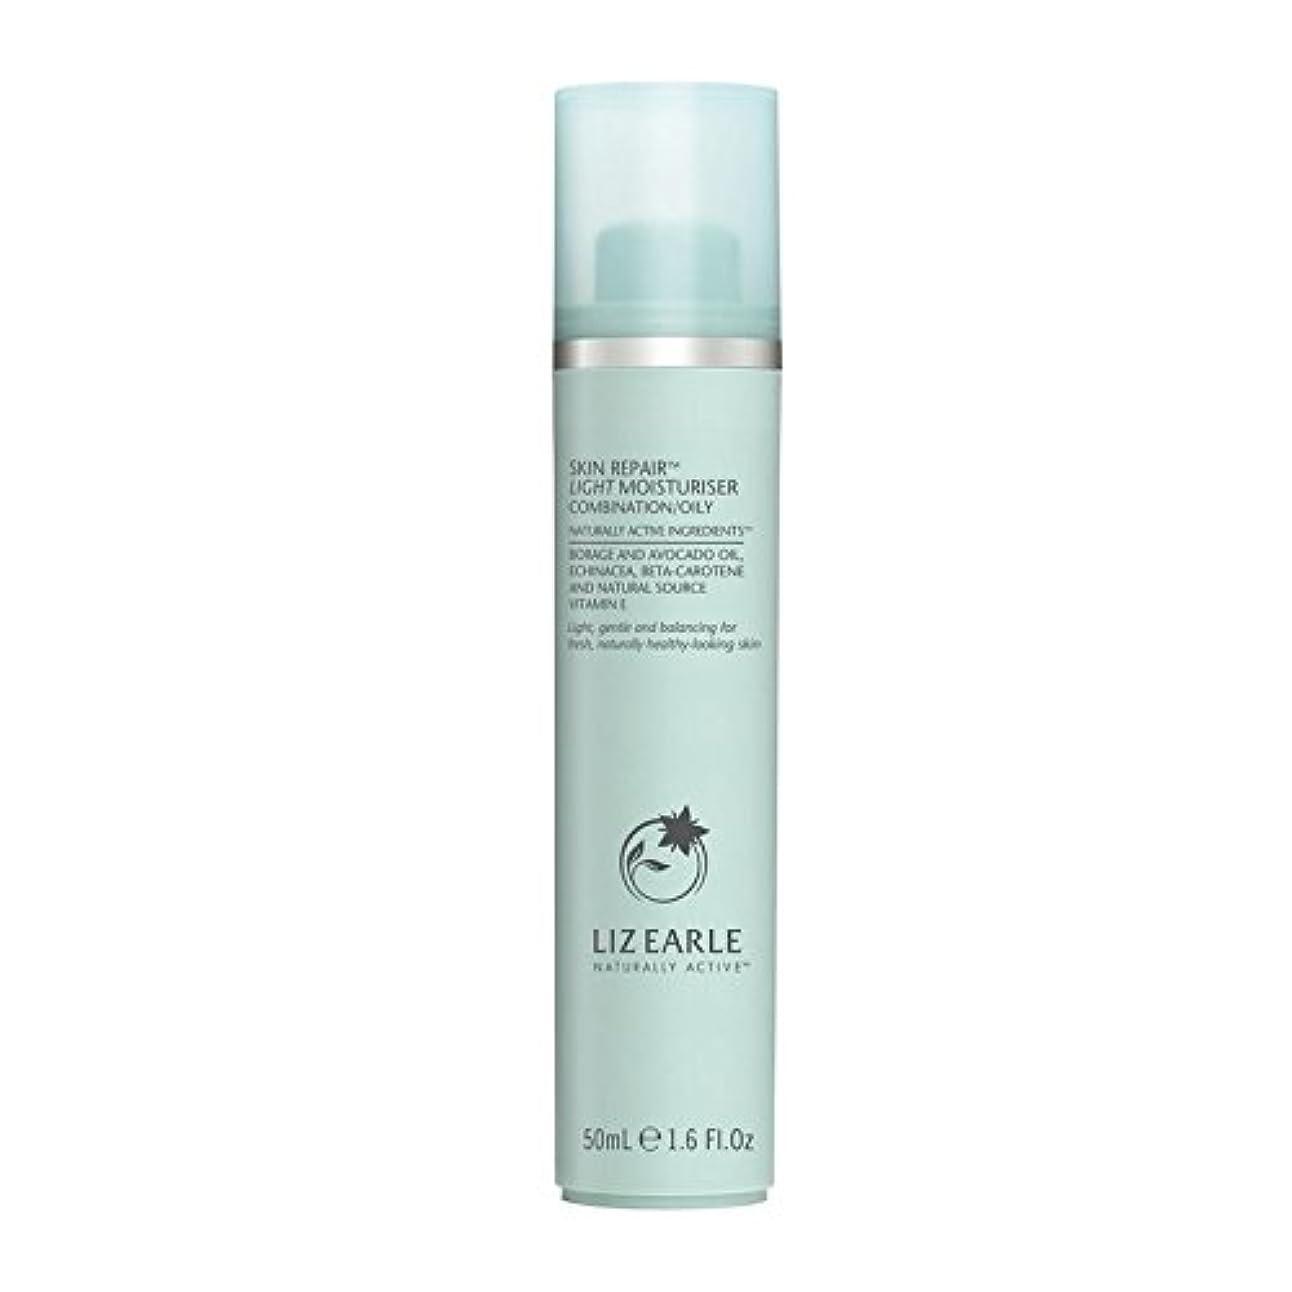 覚えている腹部永続リズアールスキンリペア光の保湿剤の組み合わせ/油性50ミリリットル x4 - Liz Earle Skin Repair Light Moisturiser Combination/Oily 50ml (Pack of...